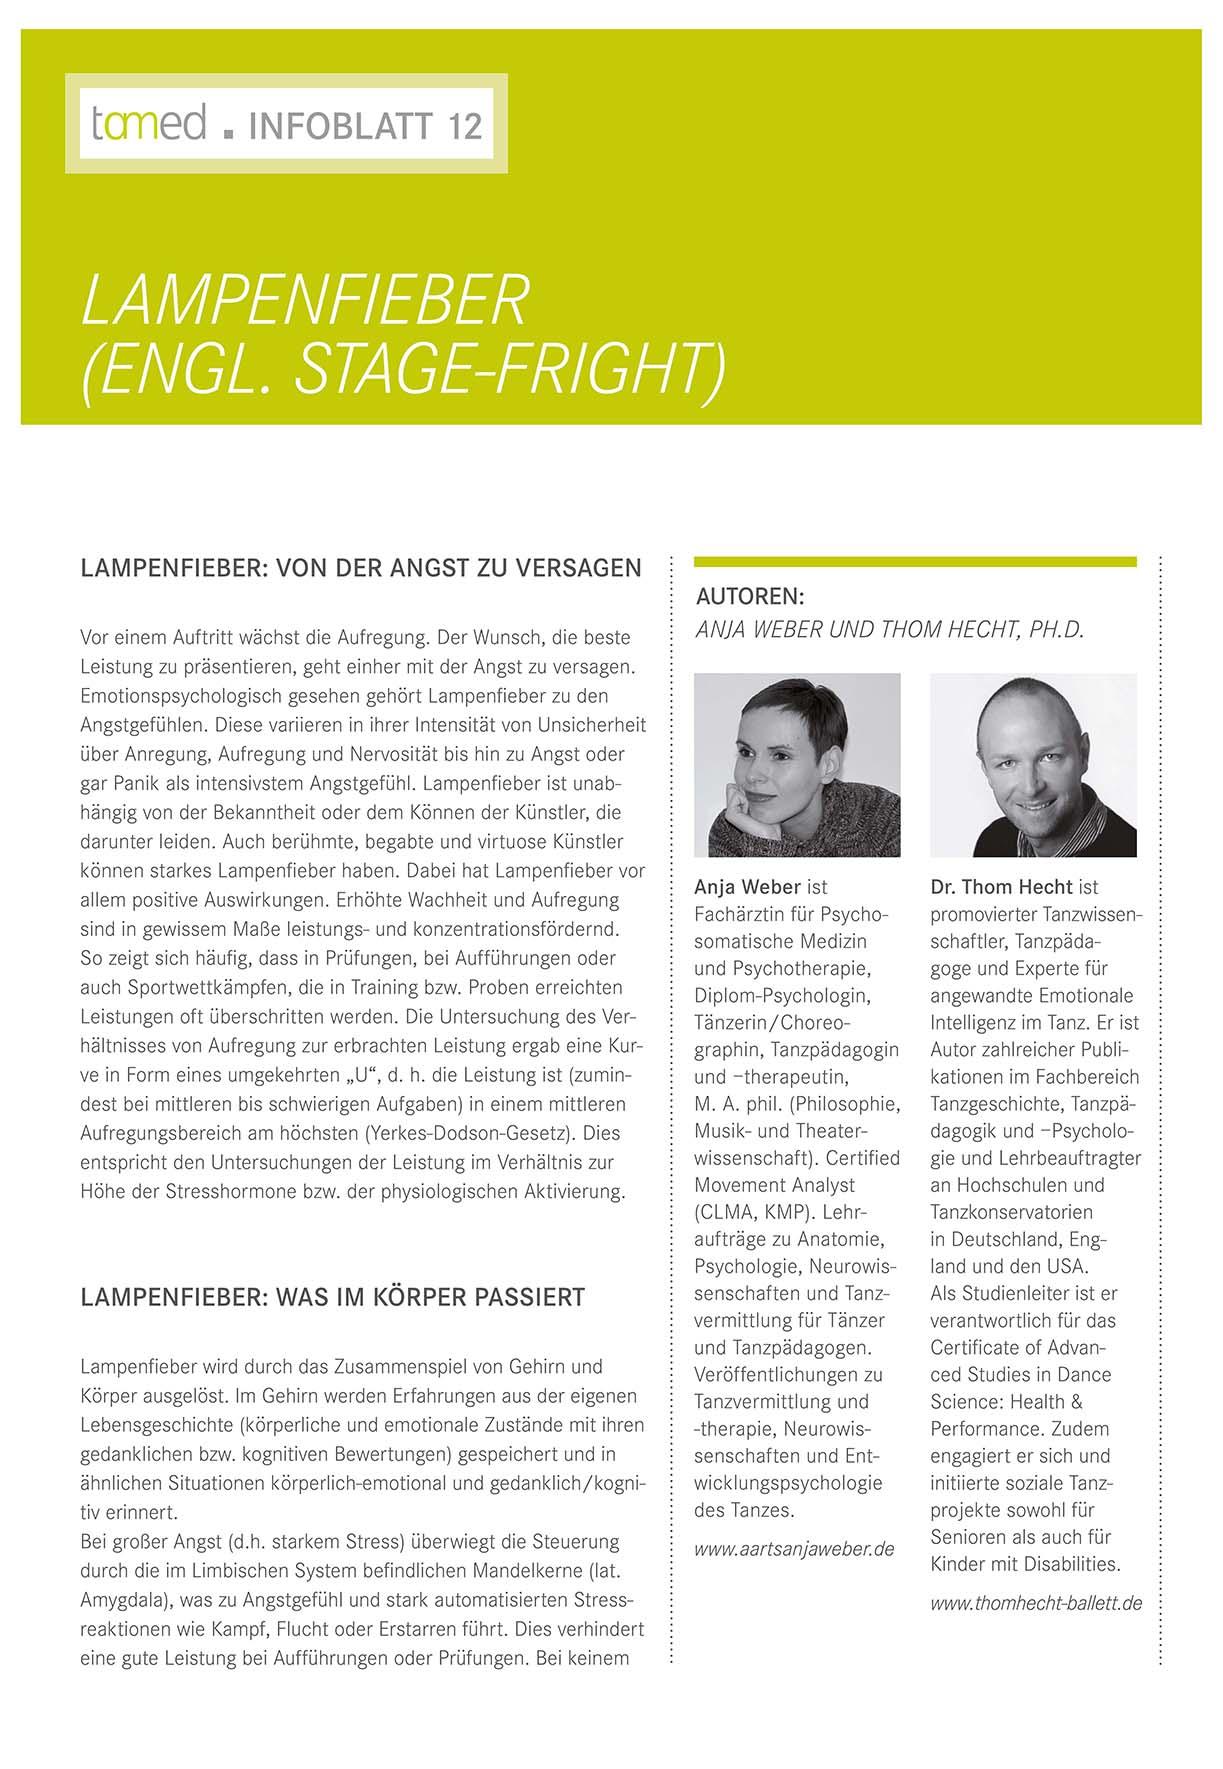 Infoblatt 12 - Lampenfieber